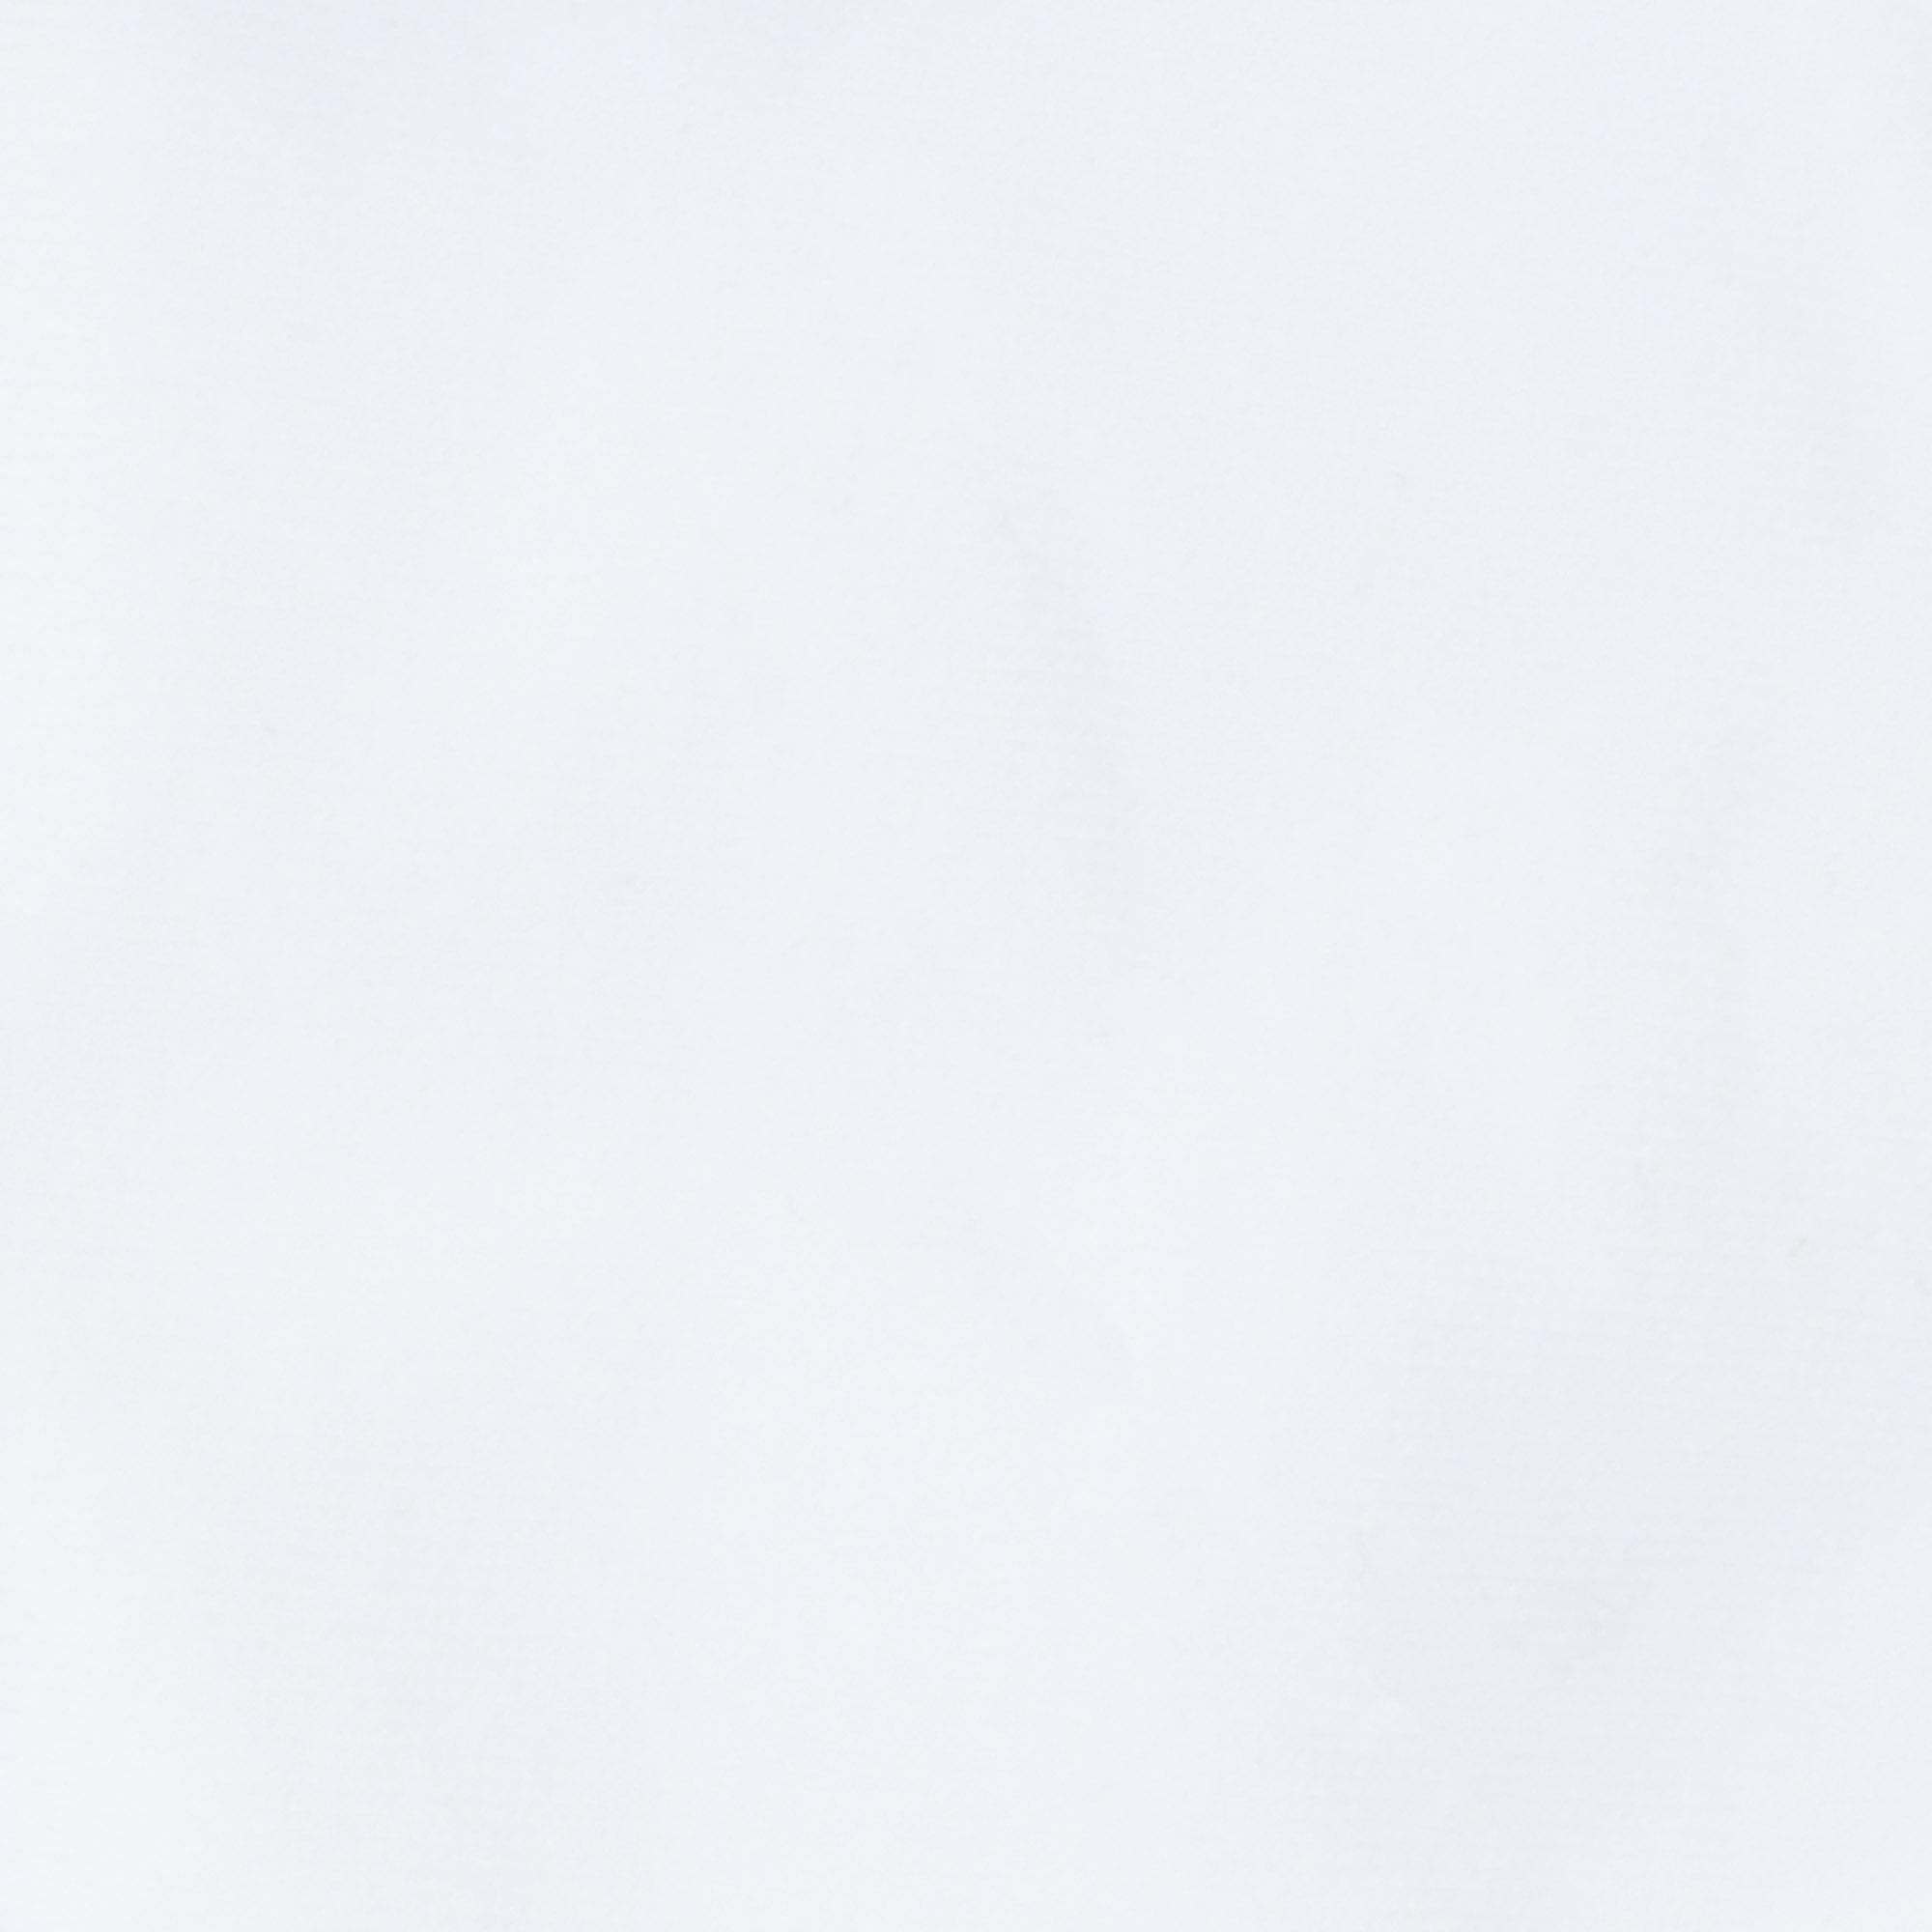 Носки мужские однотонные Lucky Socks НМГ-0110 белые  29-31